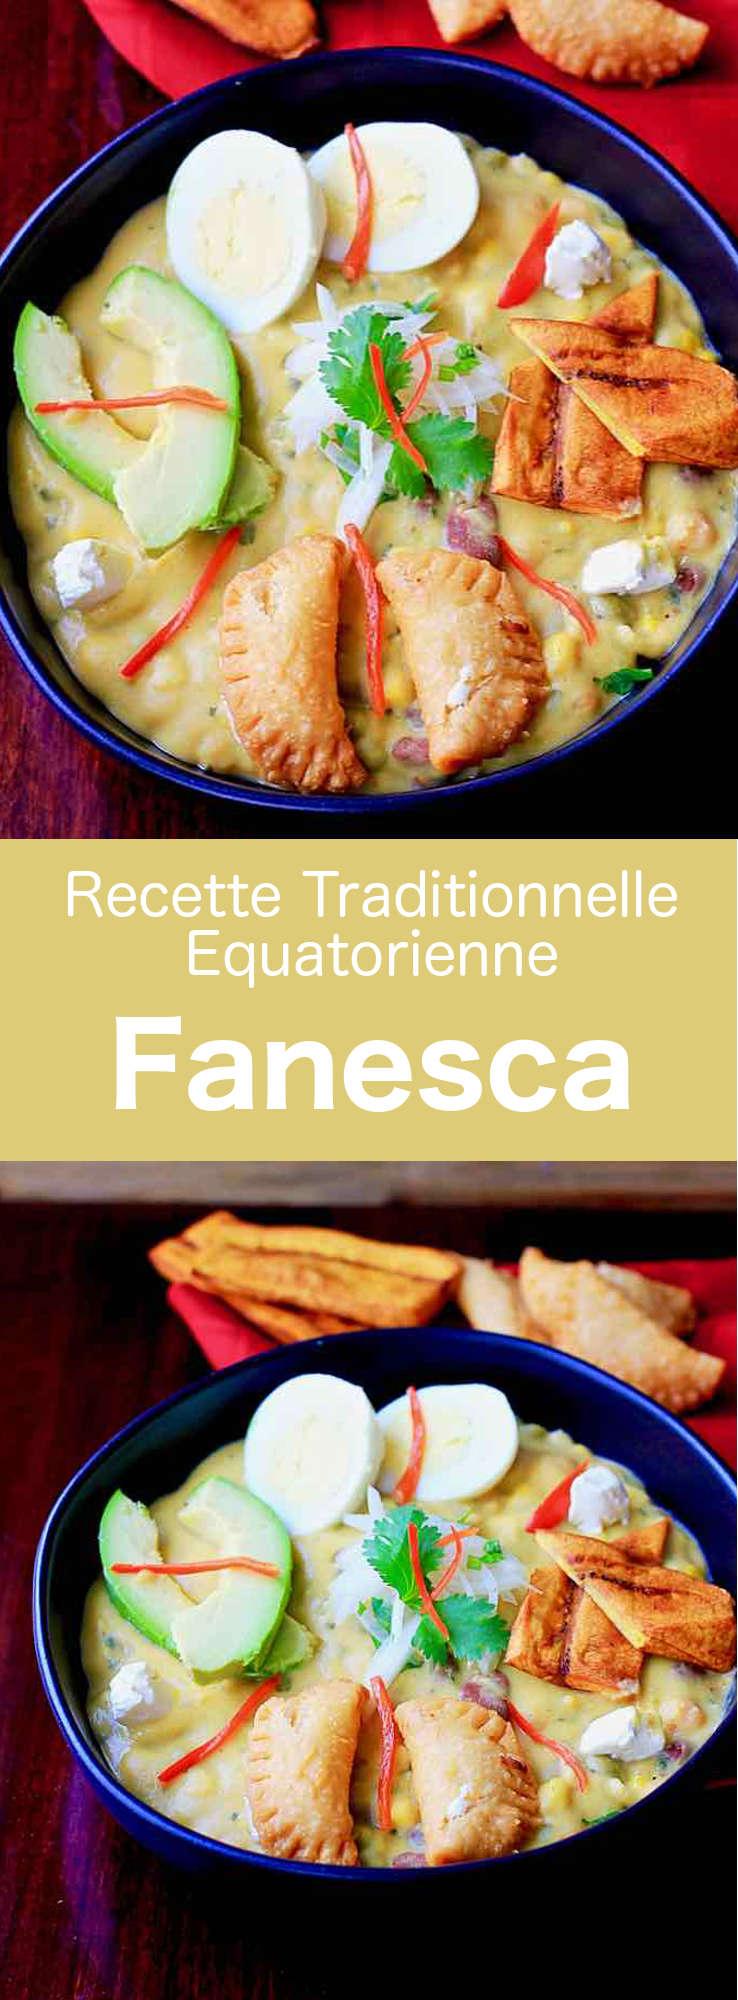 La fanesca est une soupe traditionnelle de l'Équateur, typique de la Semaine Sainte, à base de morue, de citrouille, de courge, et de divers légumes secs. #Equateur #RecetteEquatorienne #CuisineEquatorienne #AmeriqueLatine #CuisineDuMonde #196flavors